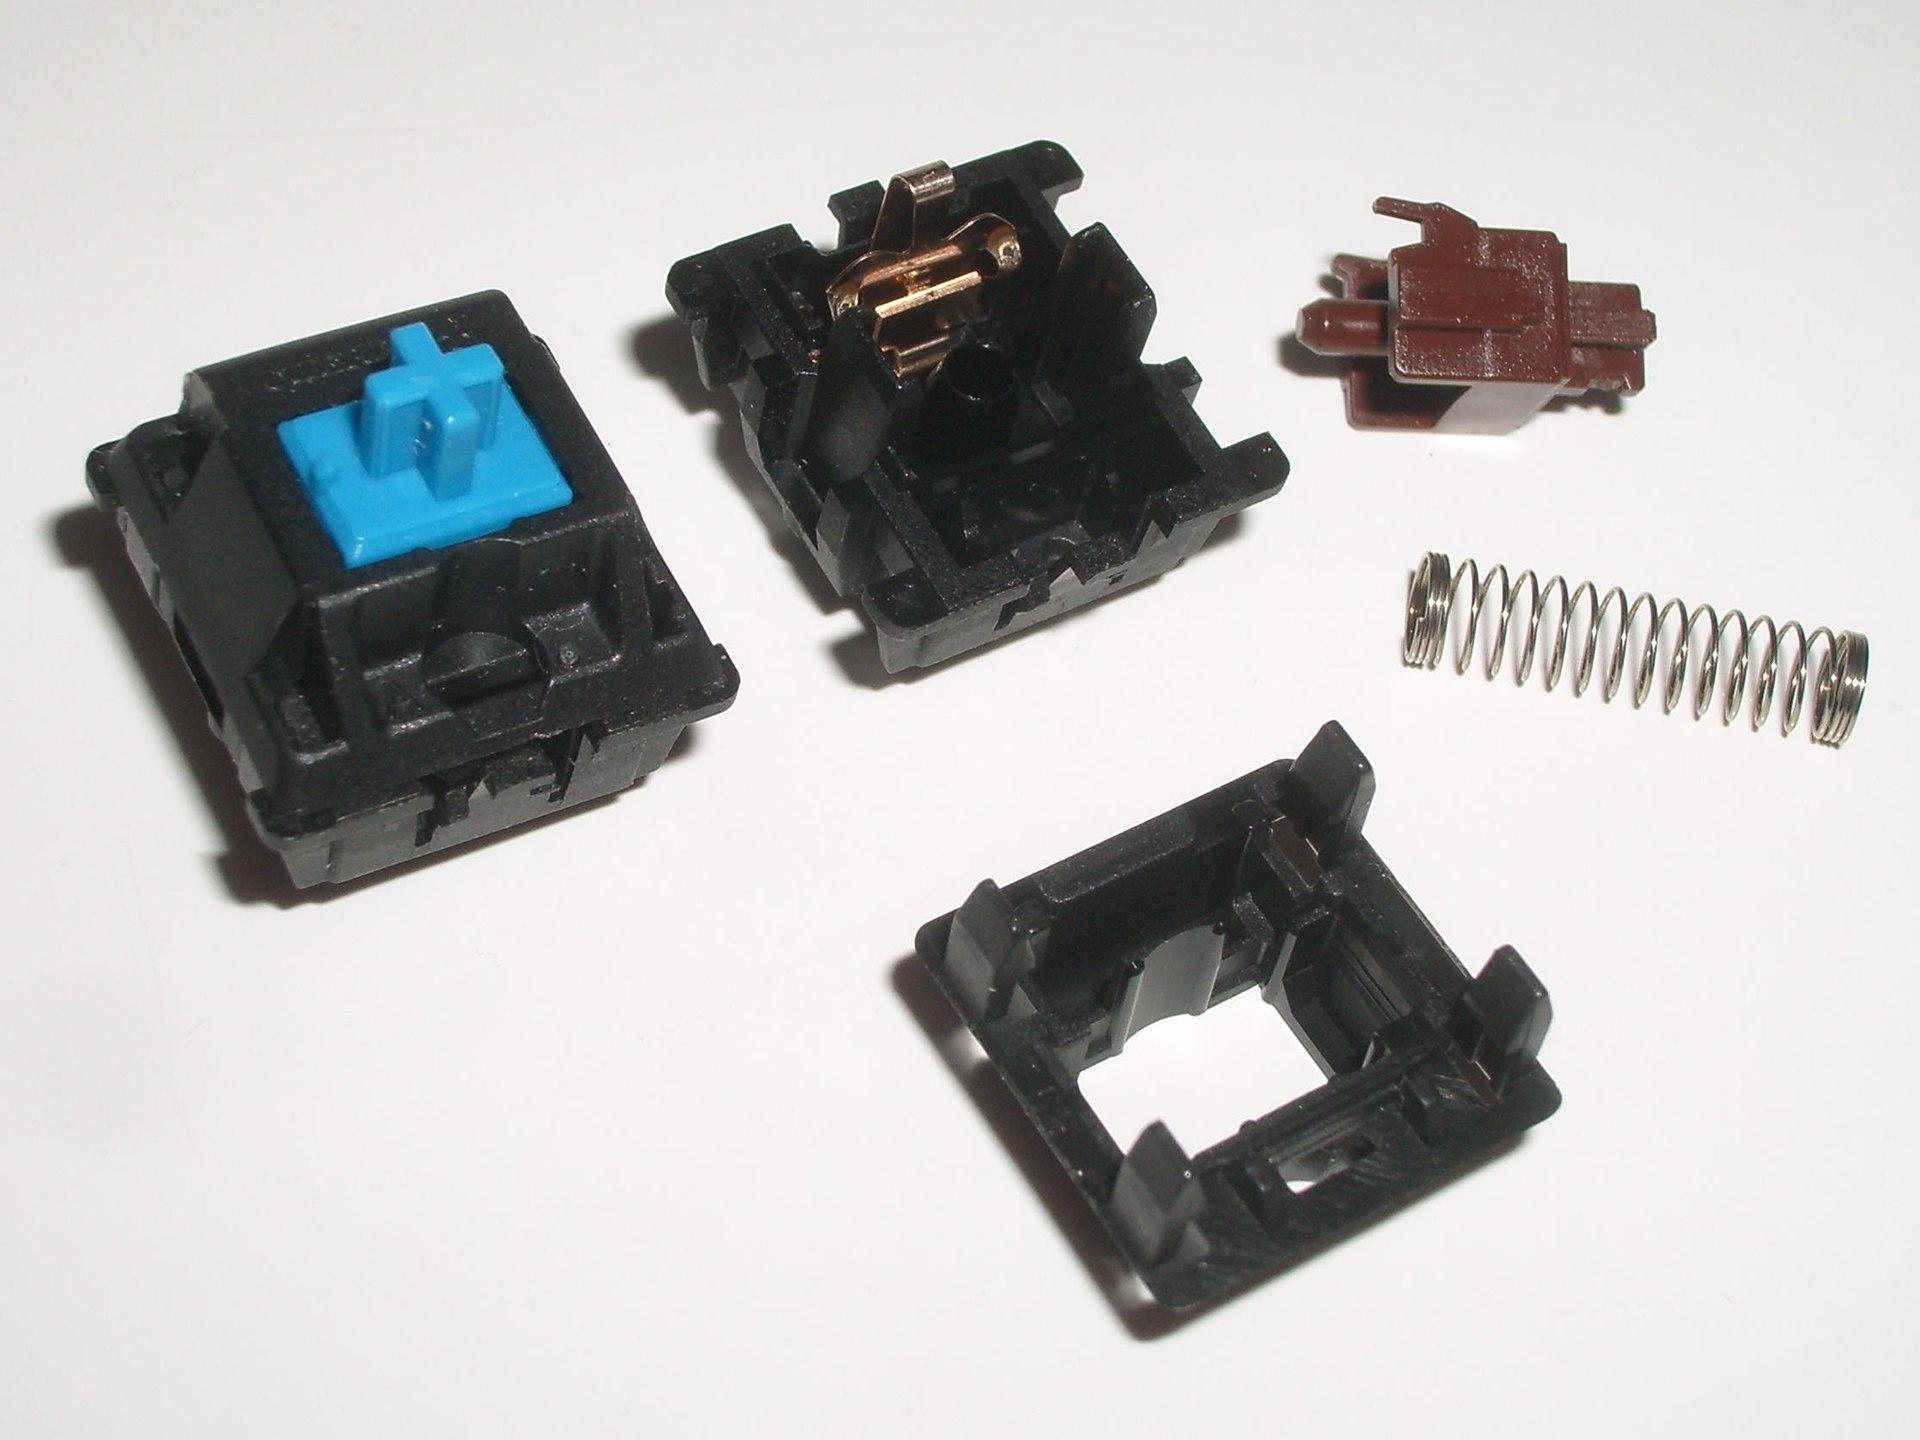 Onderdelen van een mechanische switch